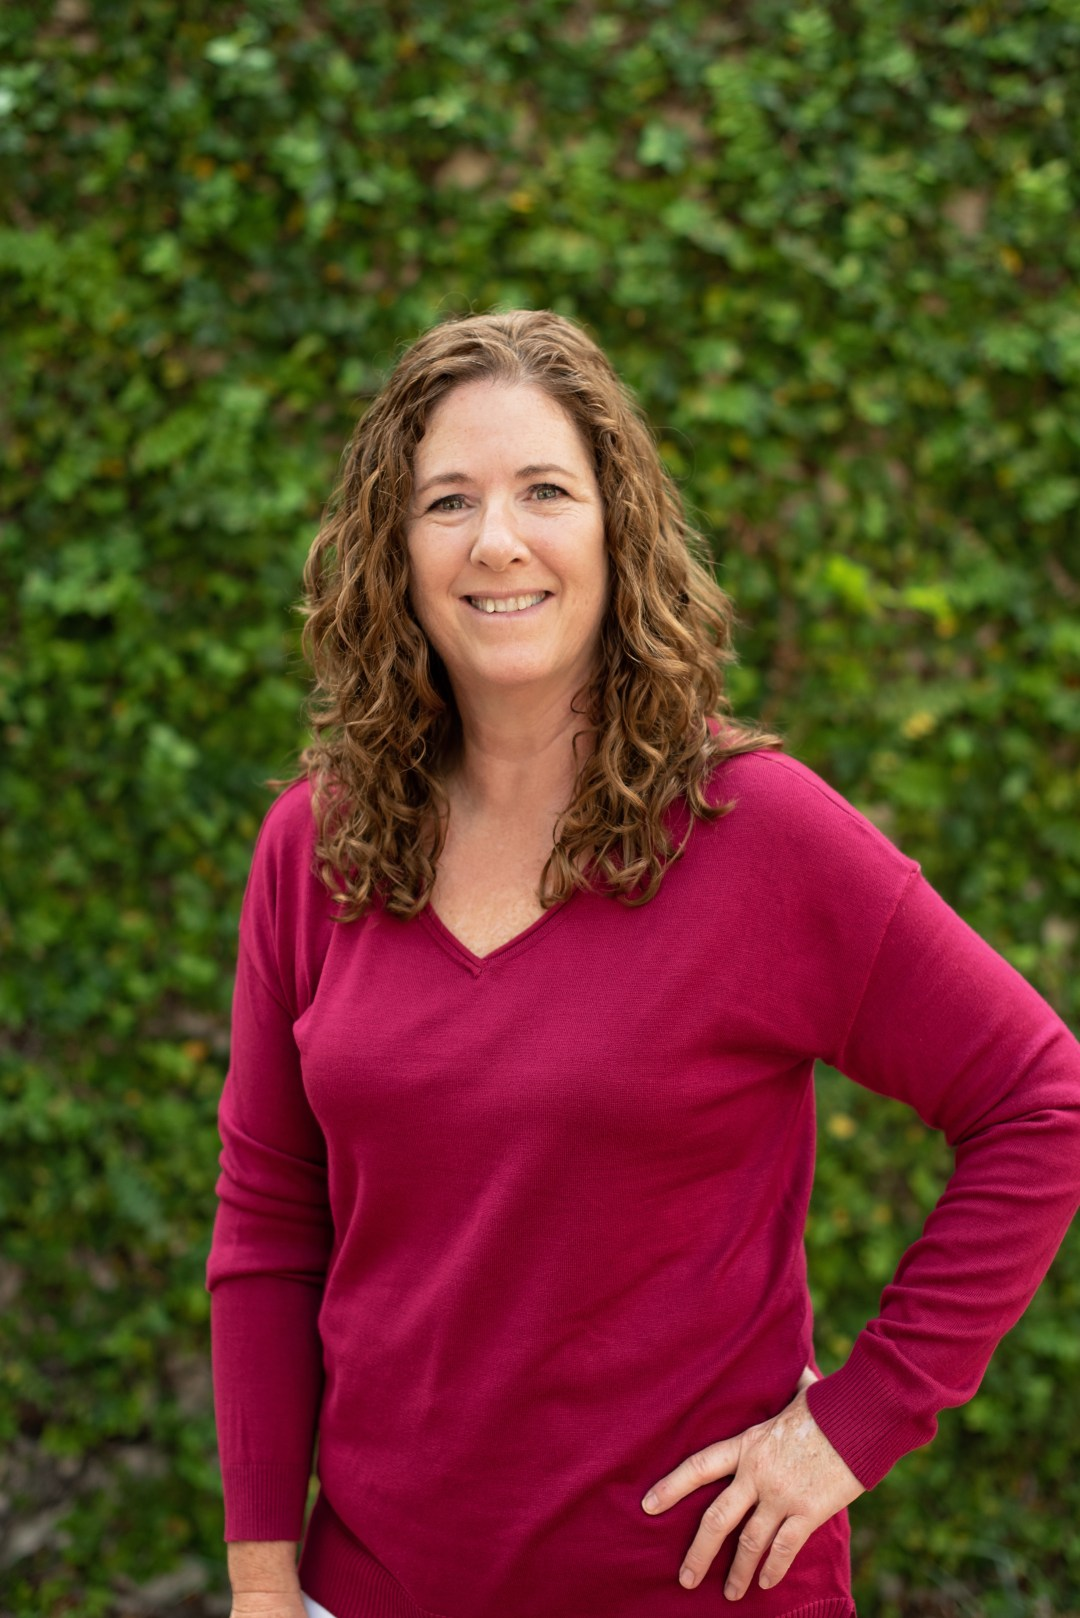 Kathy Guyer